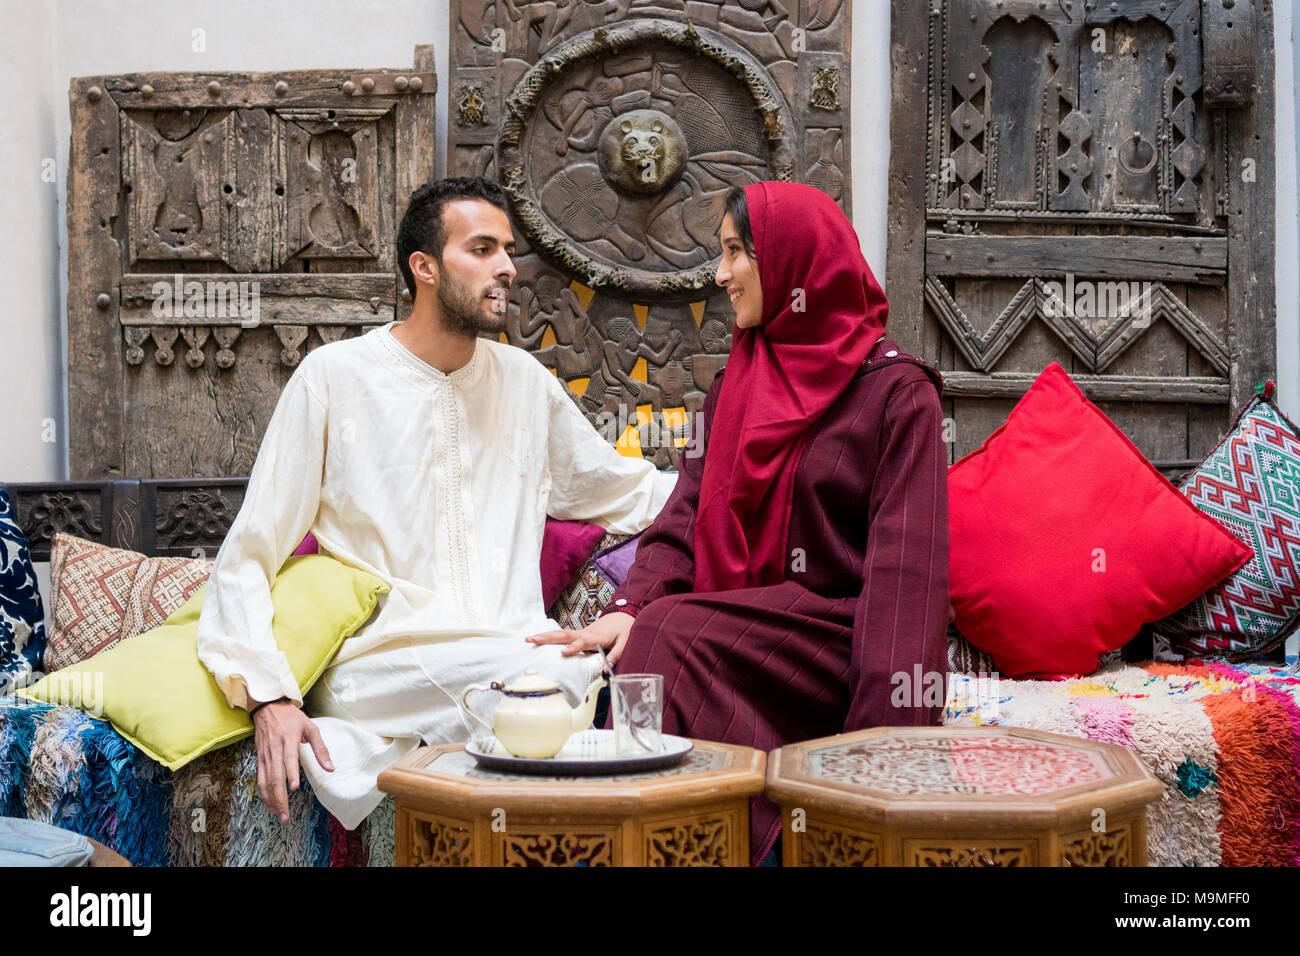 Junge muslimische Paare in Beziehung reden und lächeln im traditionellen marokkanischen Haus Stockbild